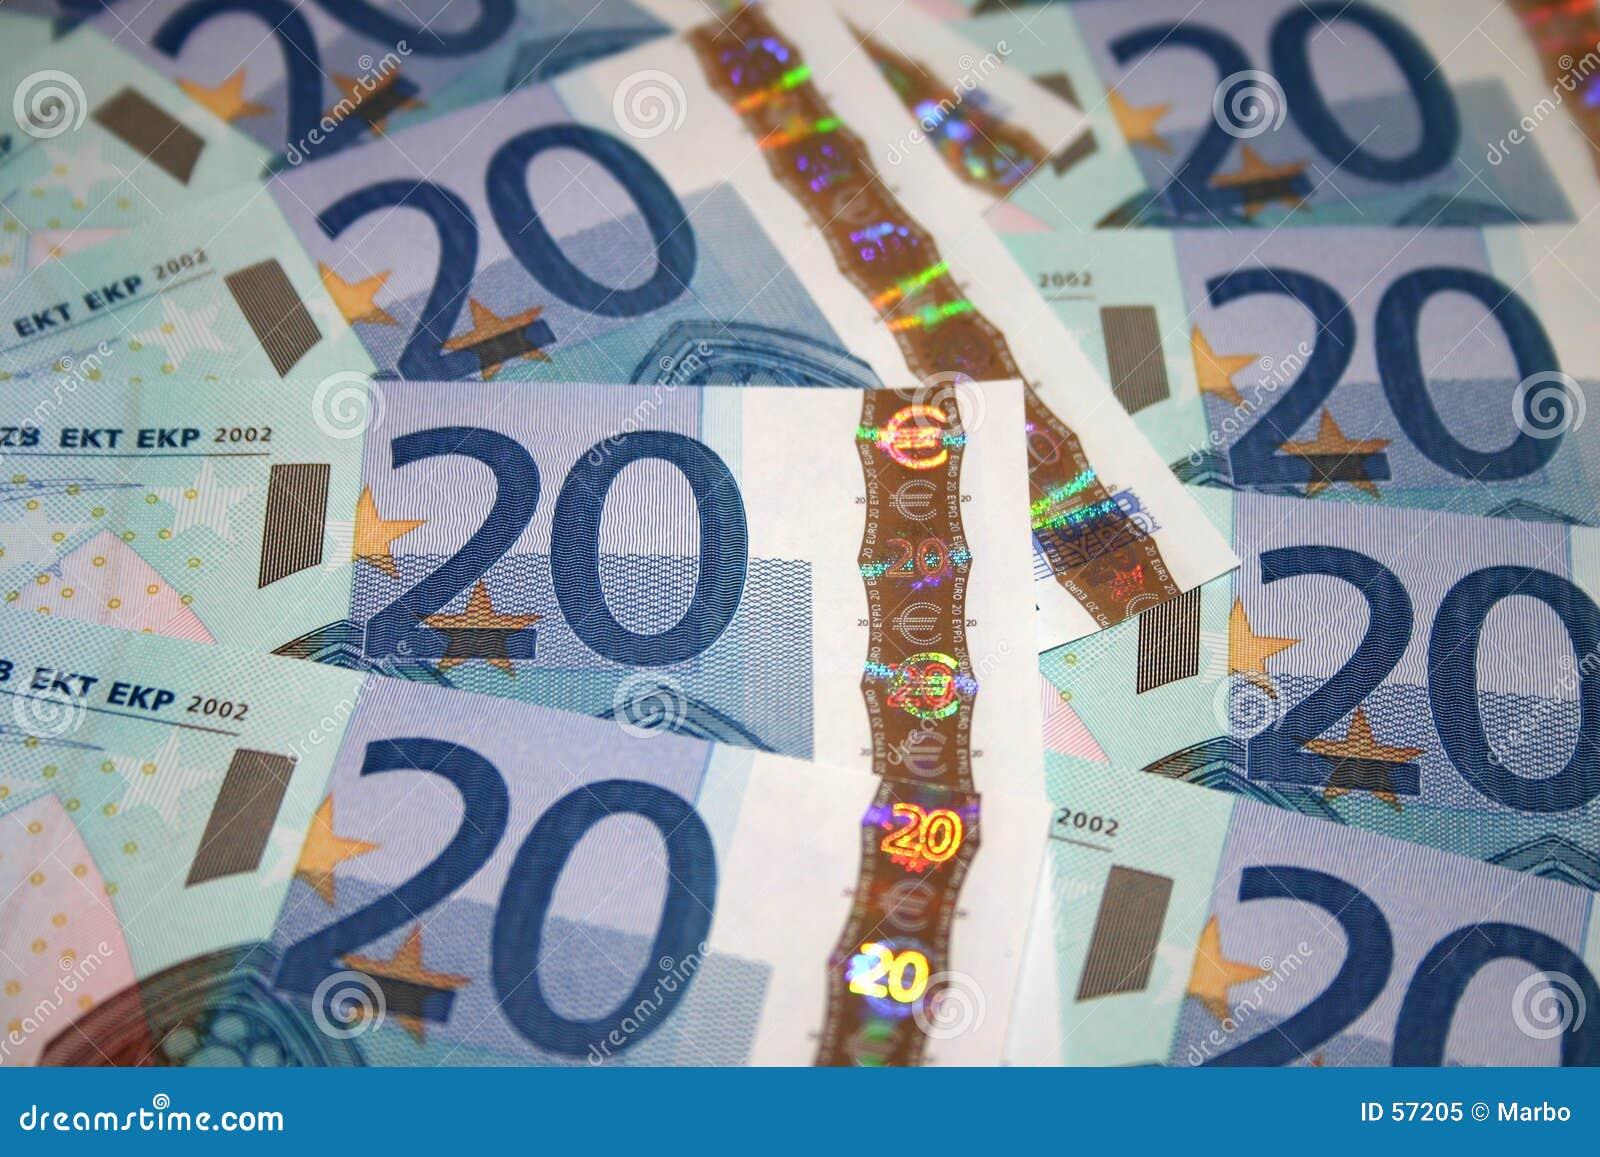 20票据欧元附注